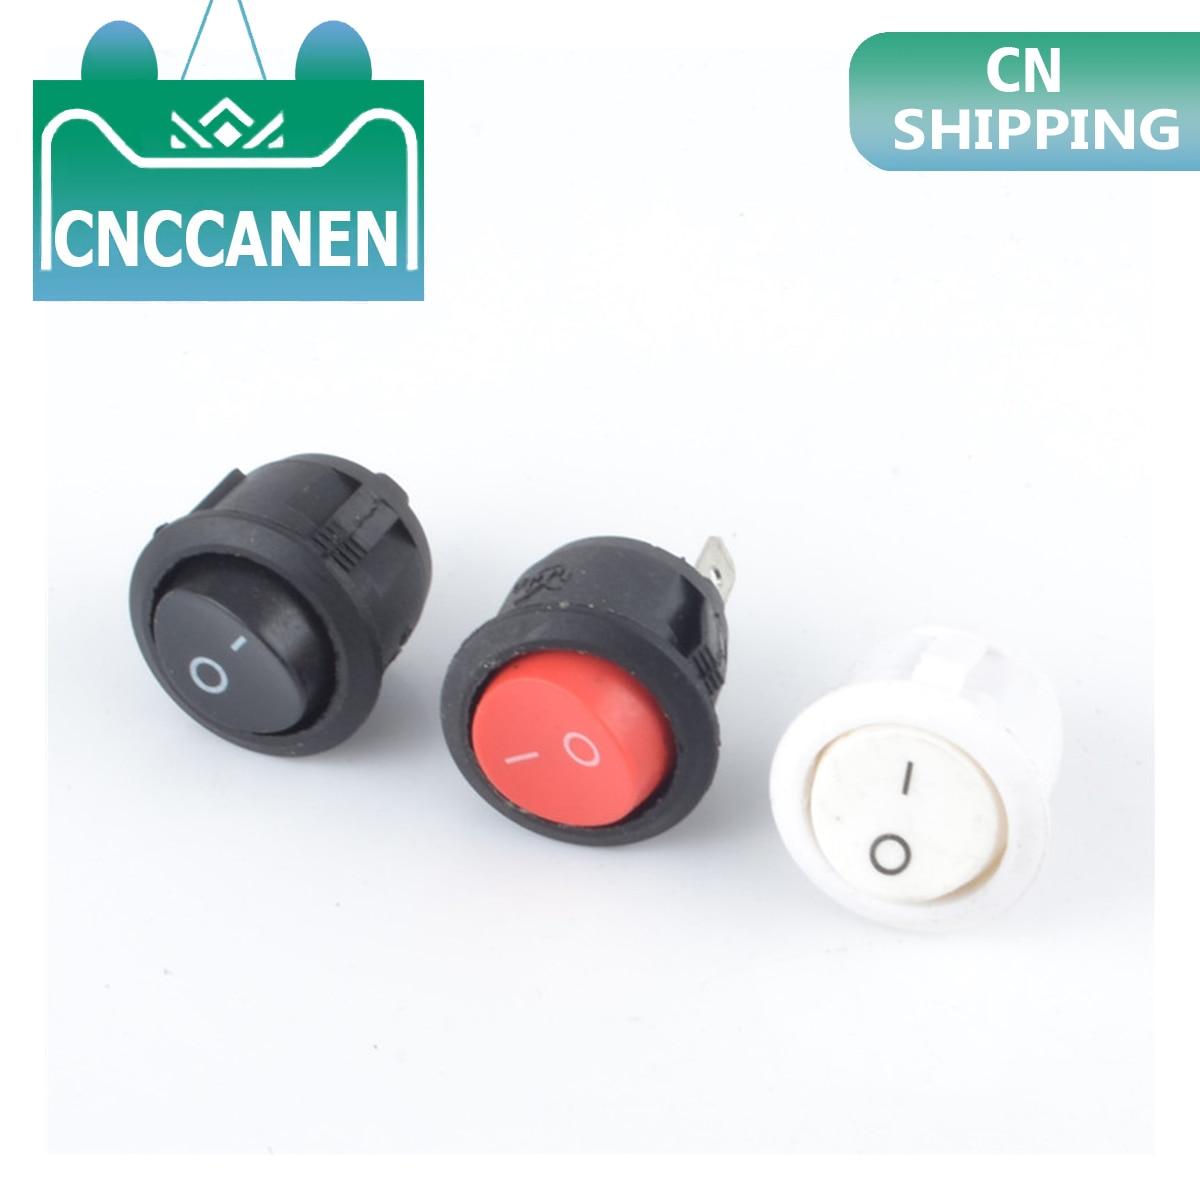 Красный черный белый 20 мм Диаметр Вкл/Выкл круглый Кулисный тумблер 6A/250VAC 10A 125VAC Пластиковый Кнопочный Переключатель